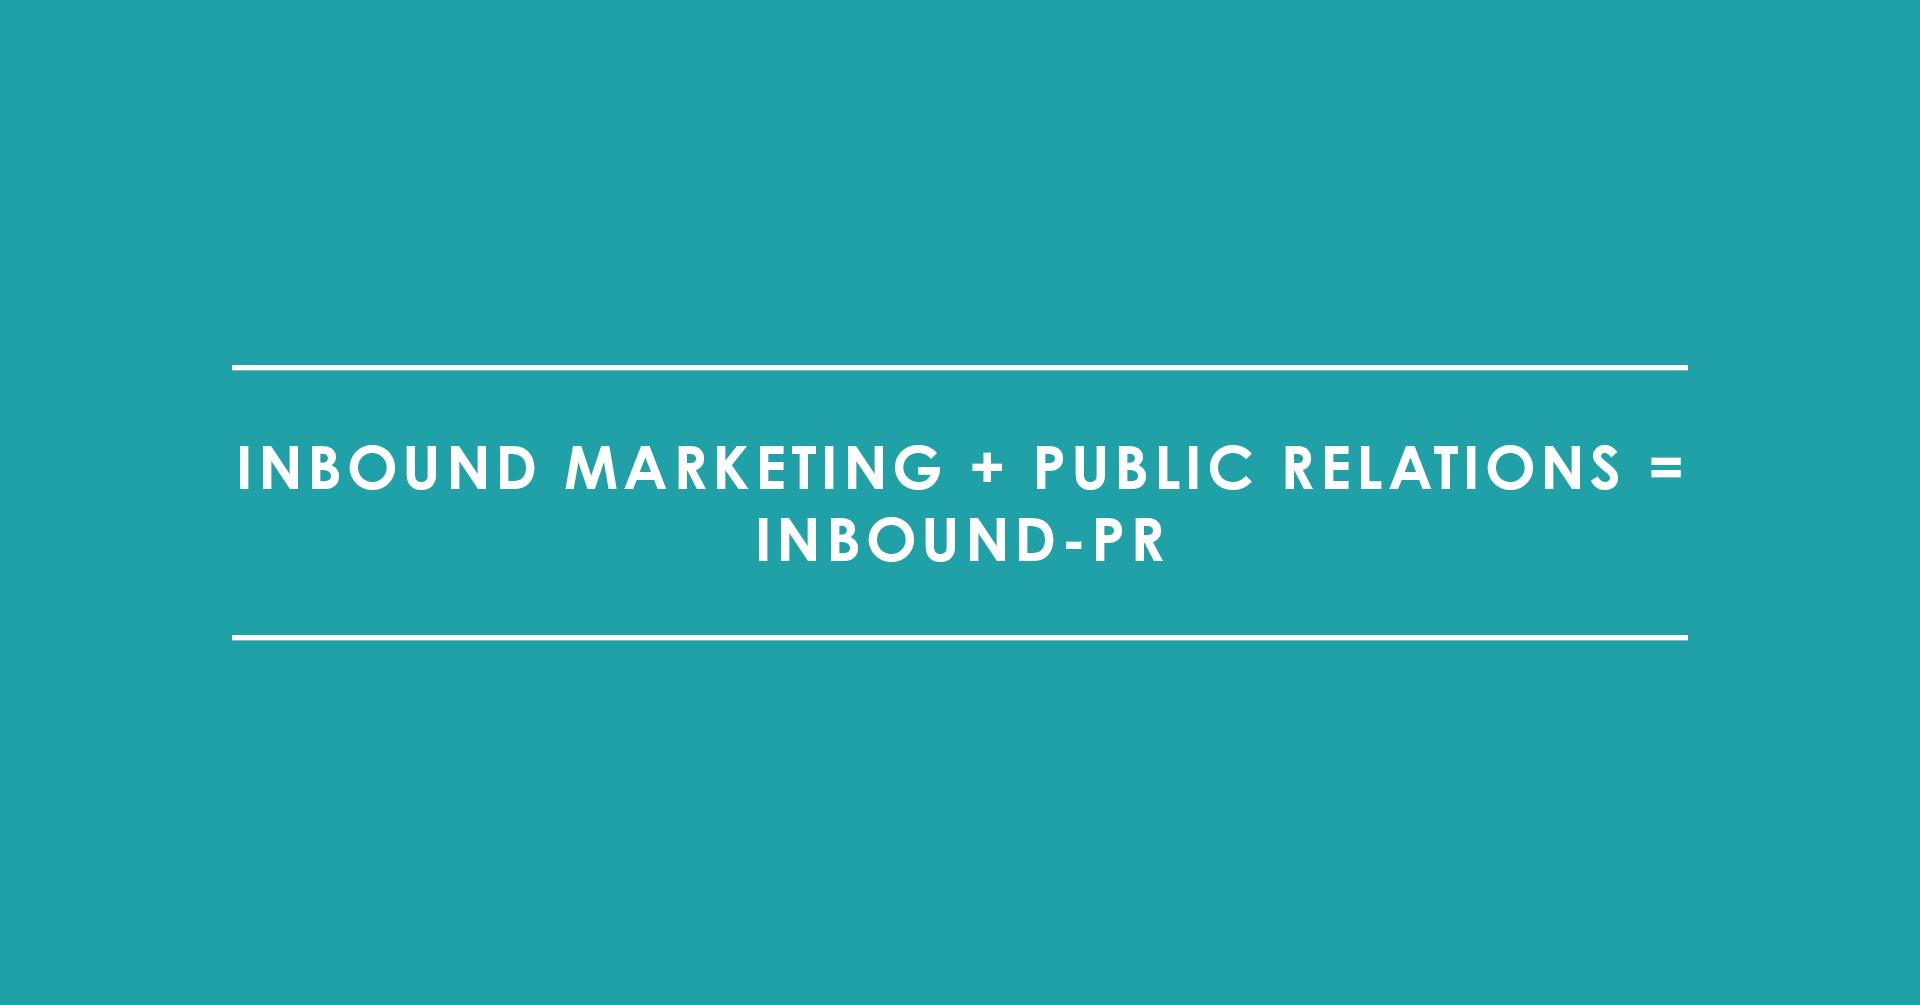 Inbound Marketing + Public Relations = Inbound PR